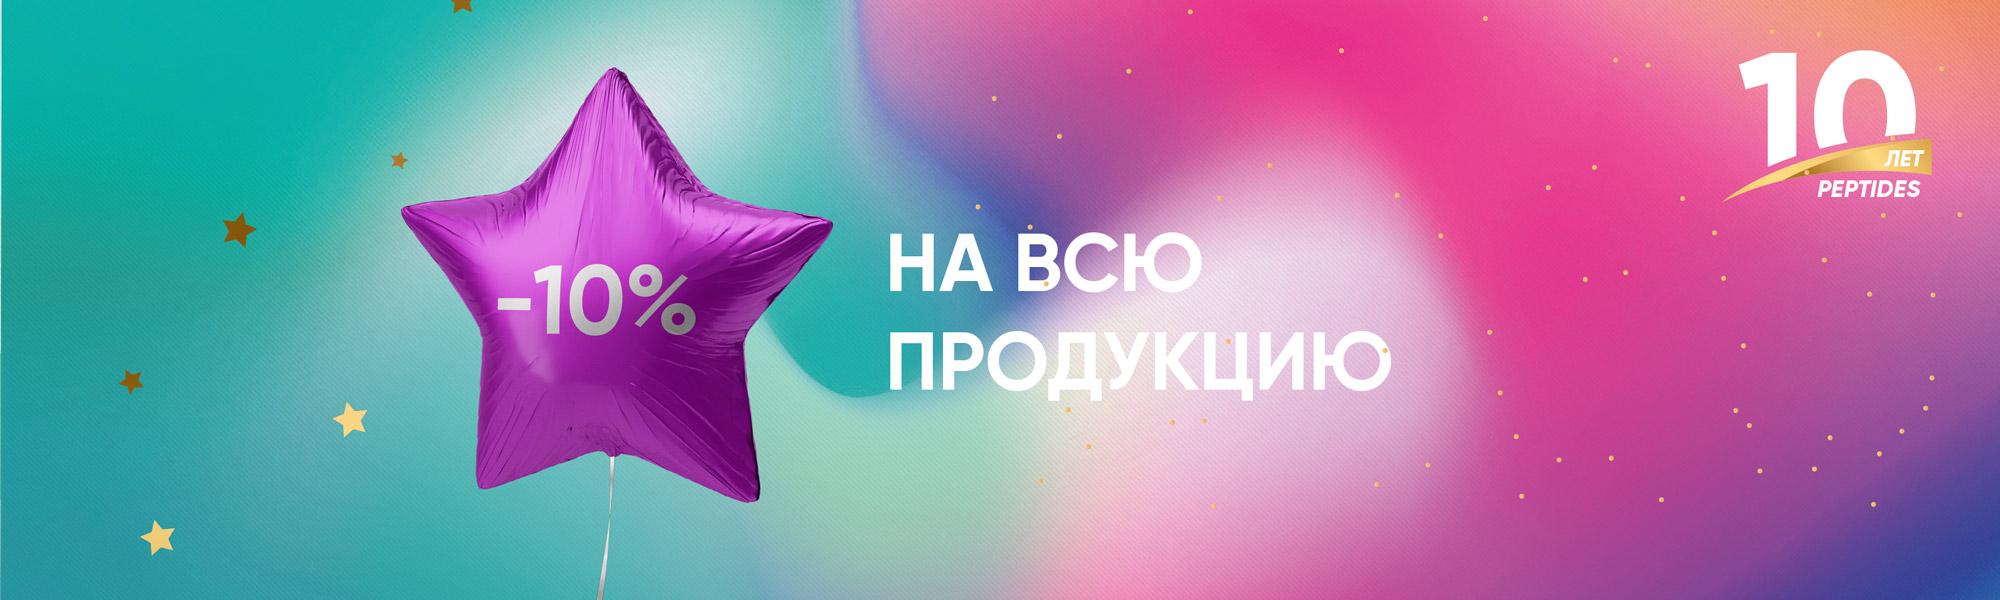 Праздничная акция в честь 10-летнего юбилея компании!